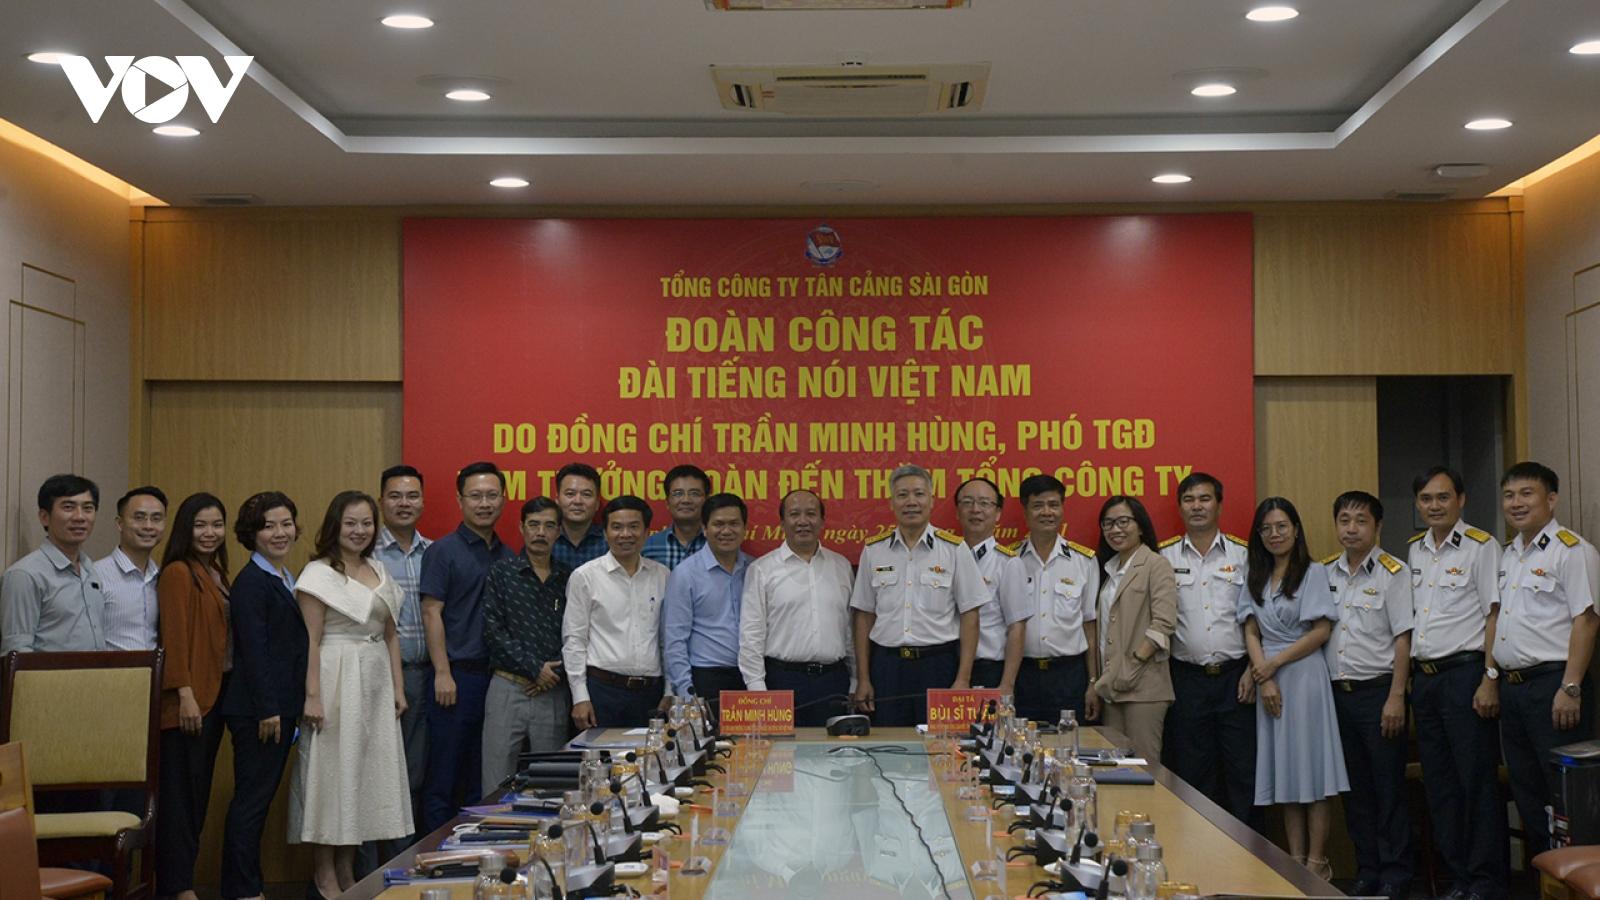 Đoàn công tác VOV làm việc với Tổng Công ty Tân Cảng Sài Gòn